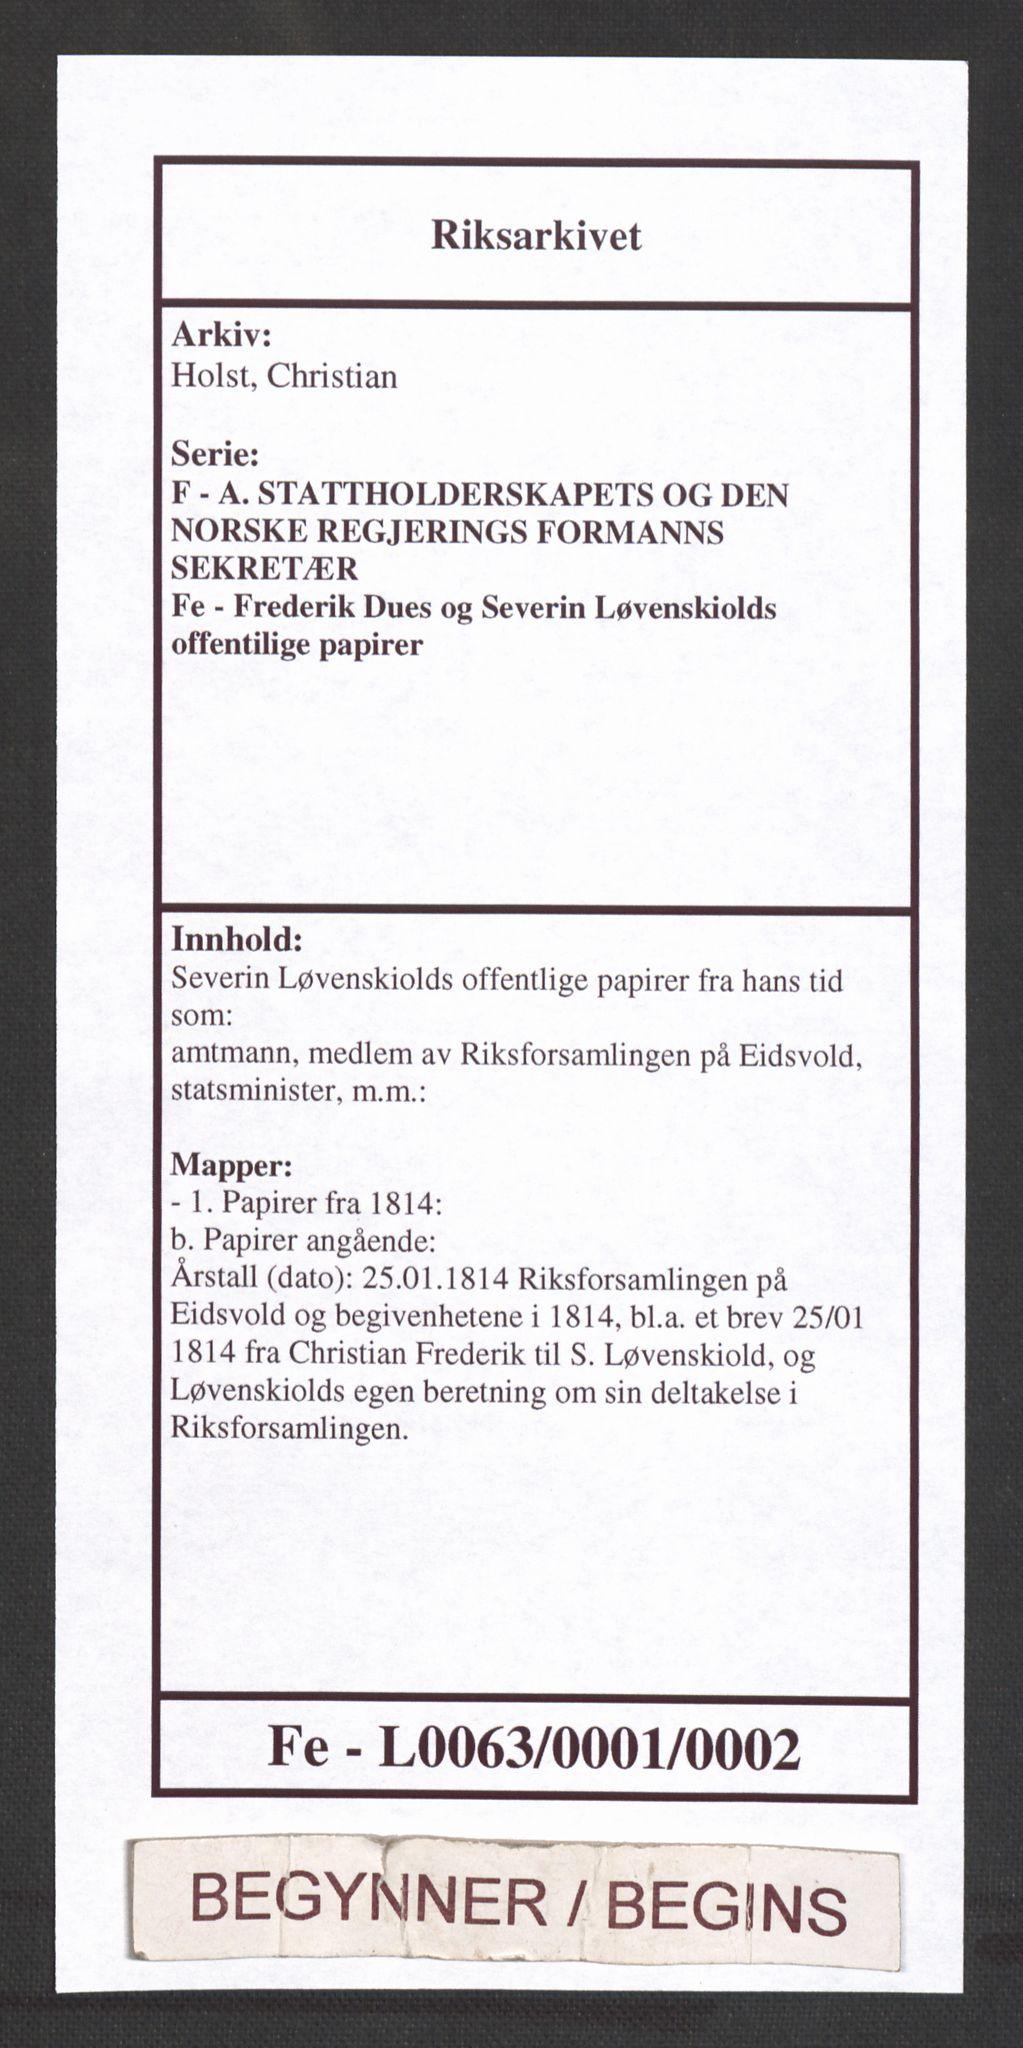 RA, Holst, Christian, F/Fe/L0063: Severin Løvenskiolds offentlige papirer fra hans tid som:, 1814, s. 1